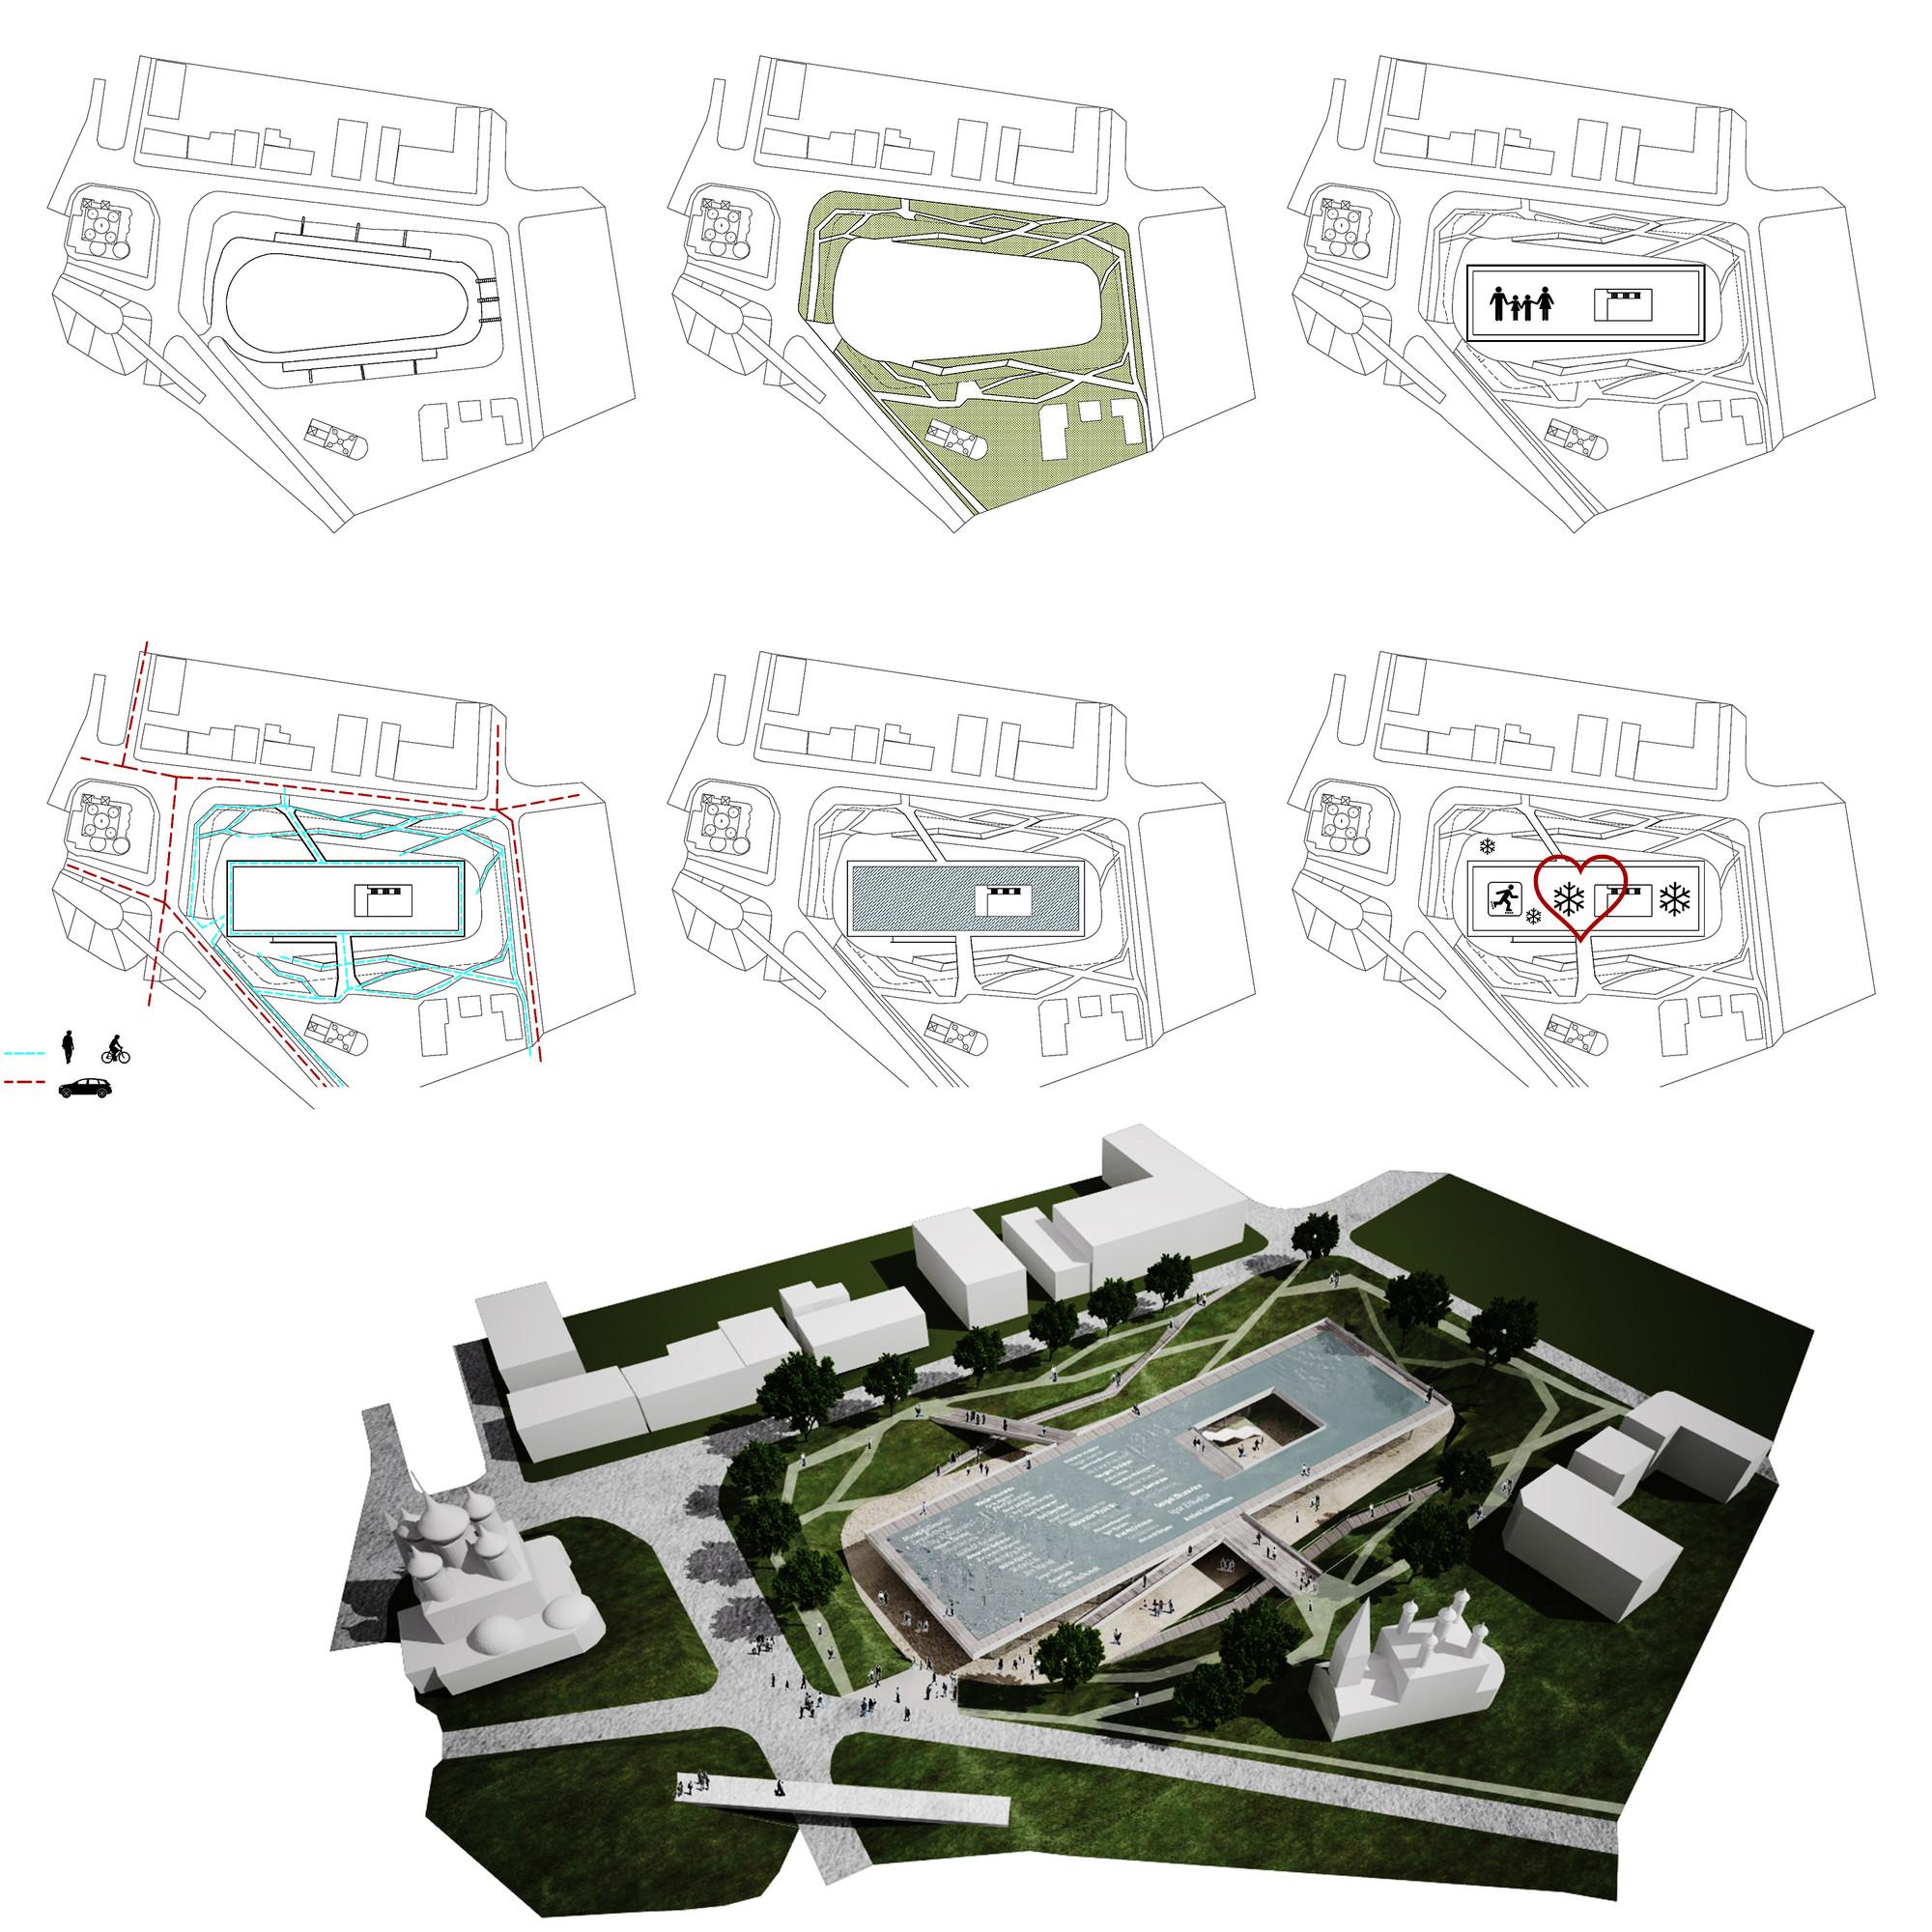 Estrategias de proyecto. Image Courtesy of JAPA